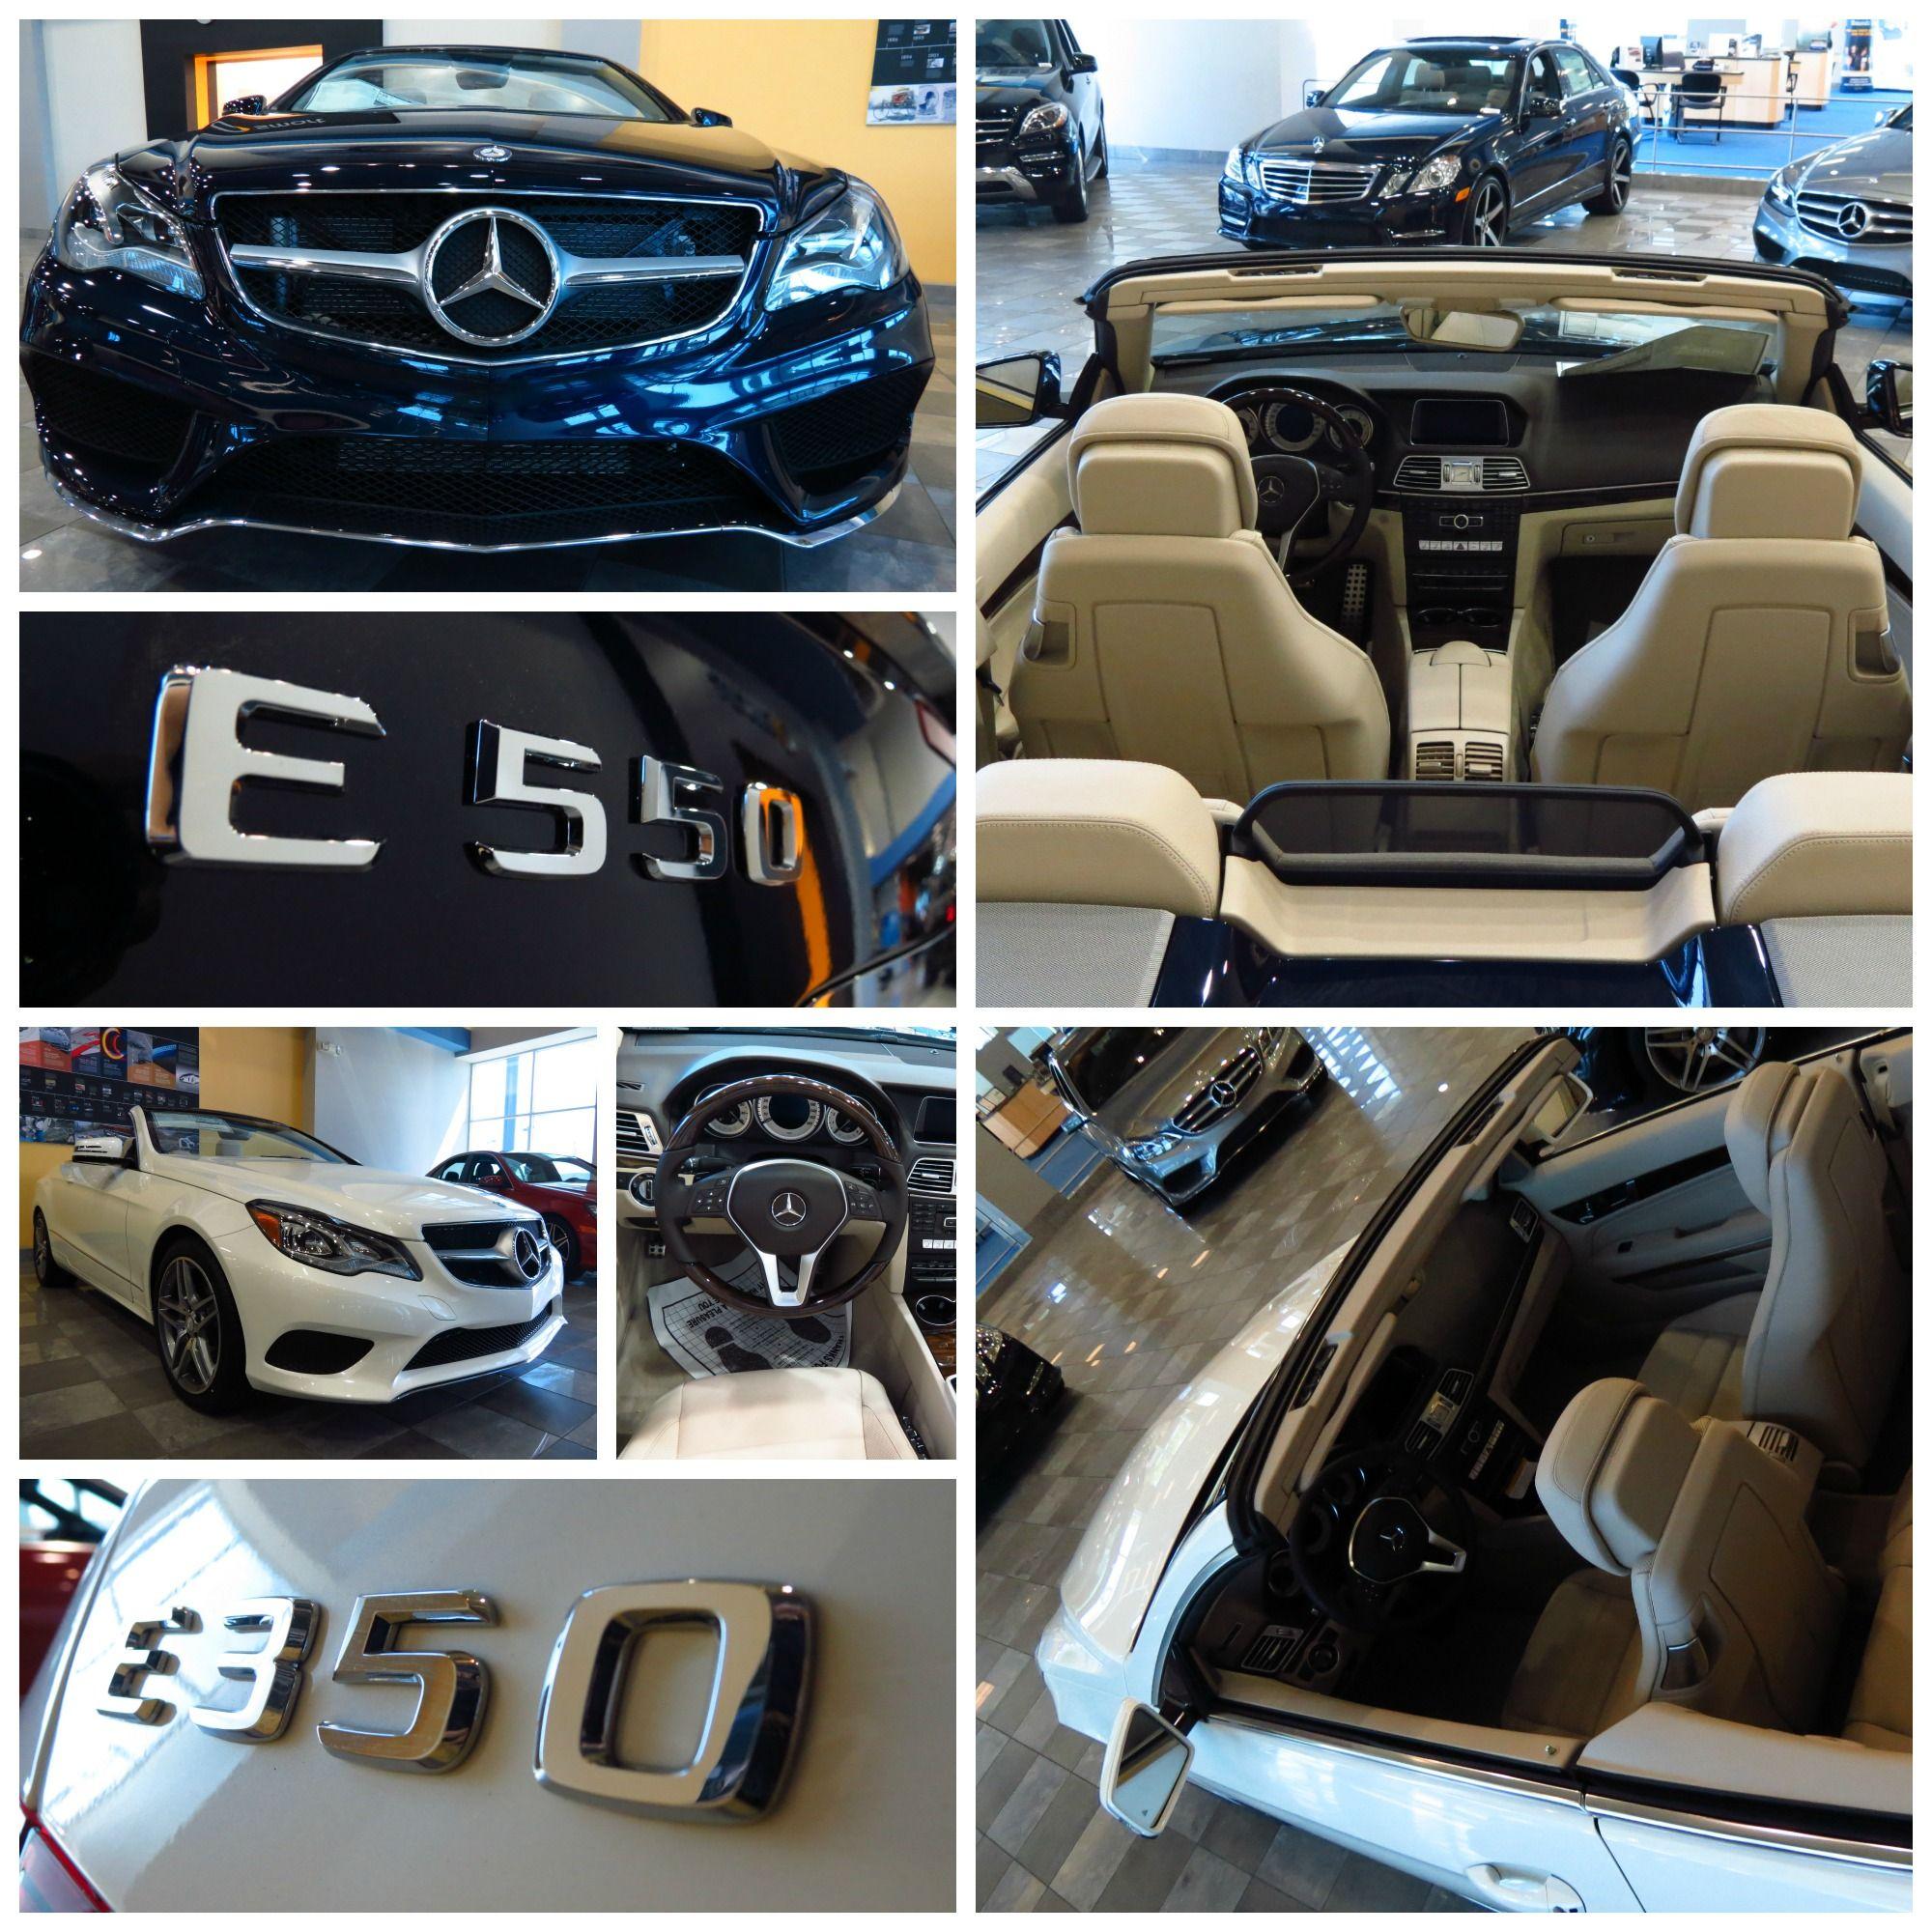 mercedes inspirational of car subaru benz autoform elegant wagon new